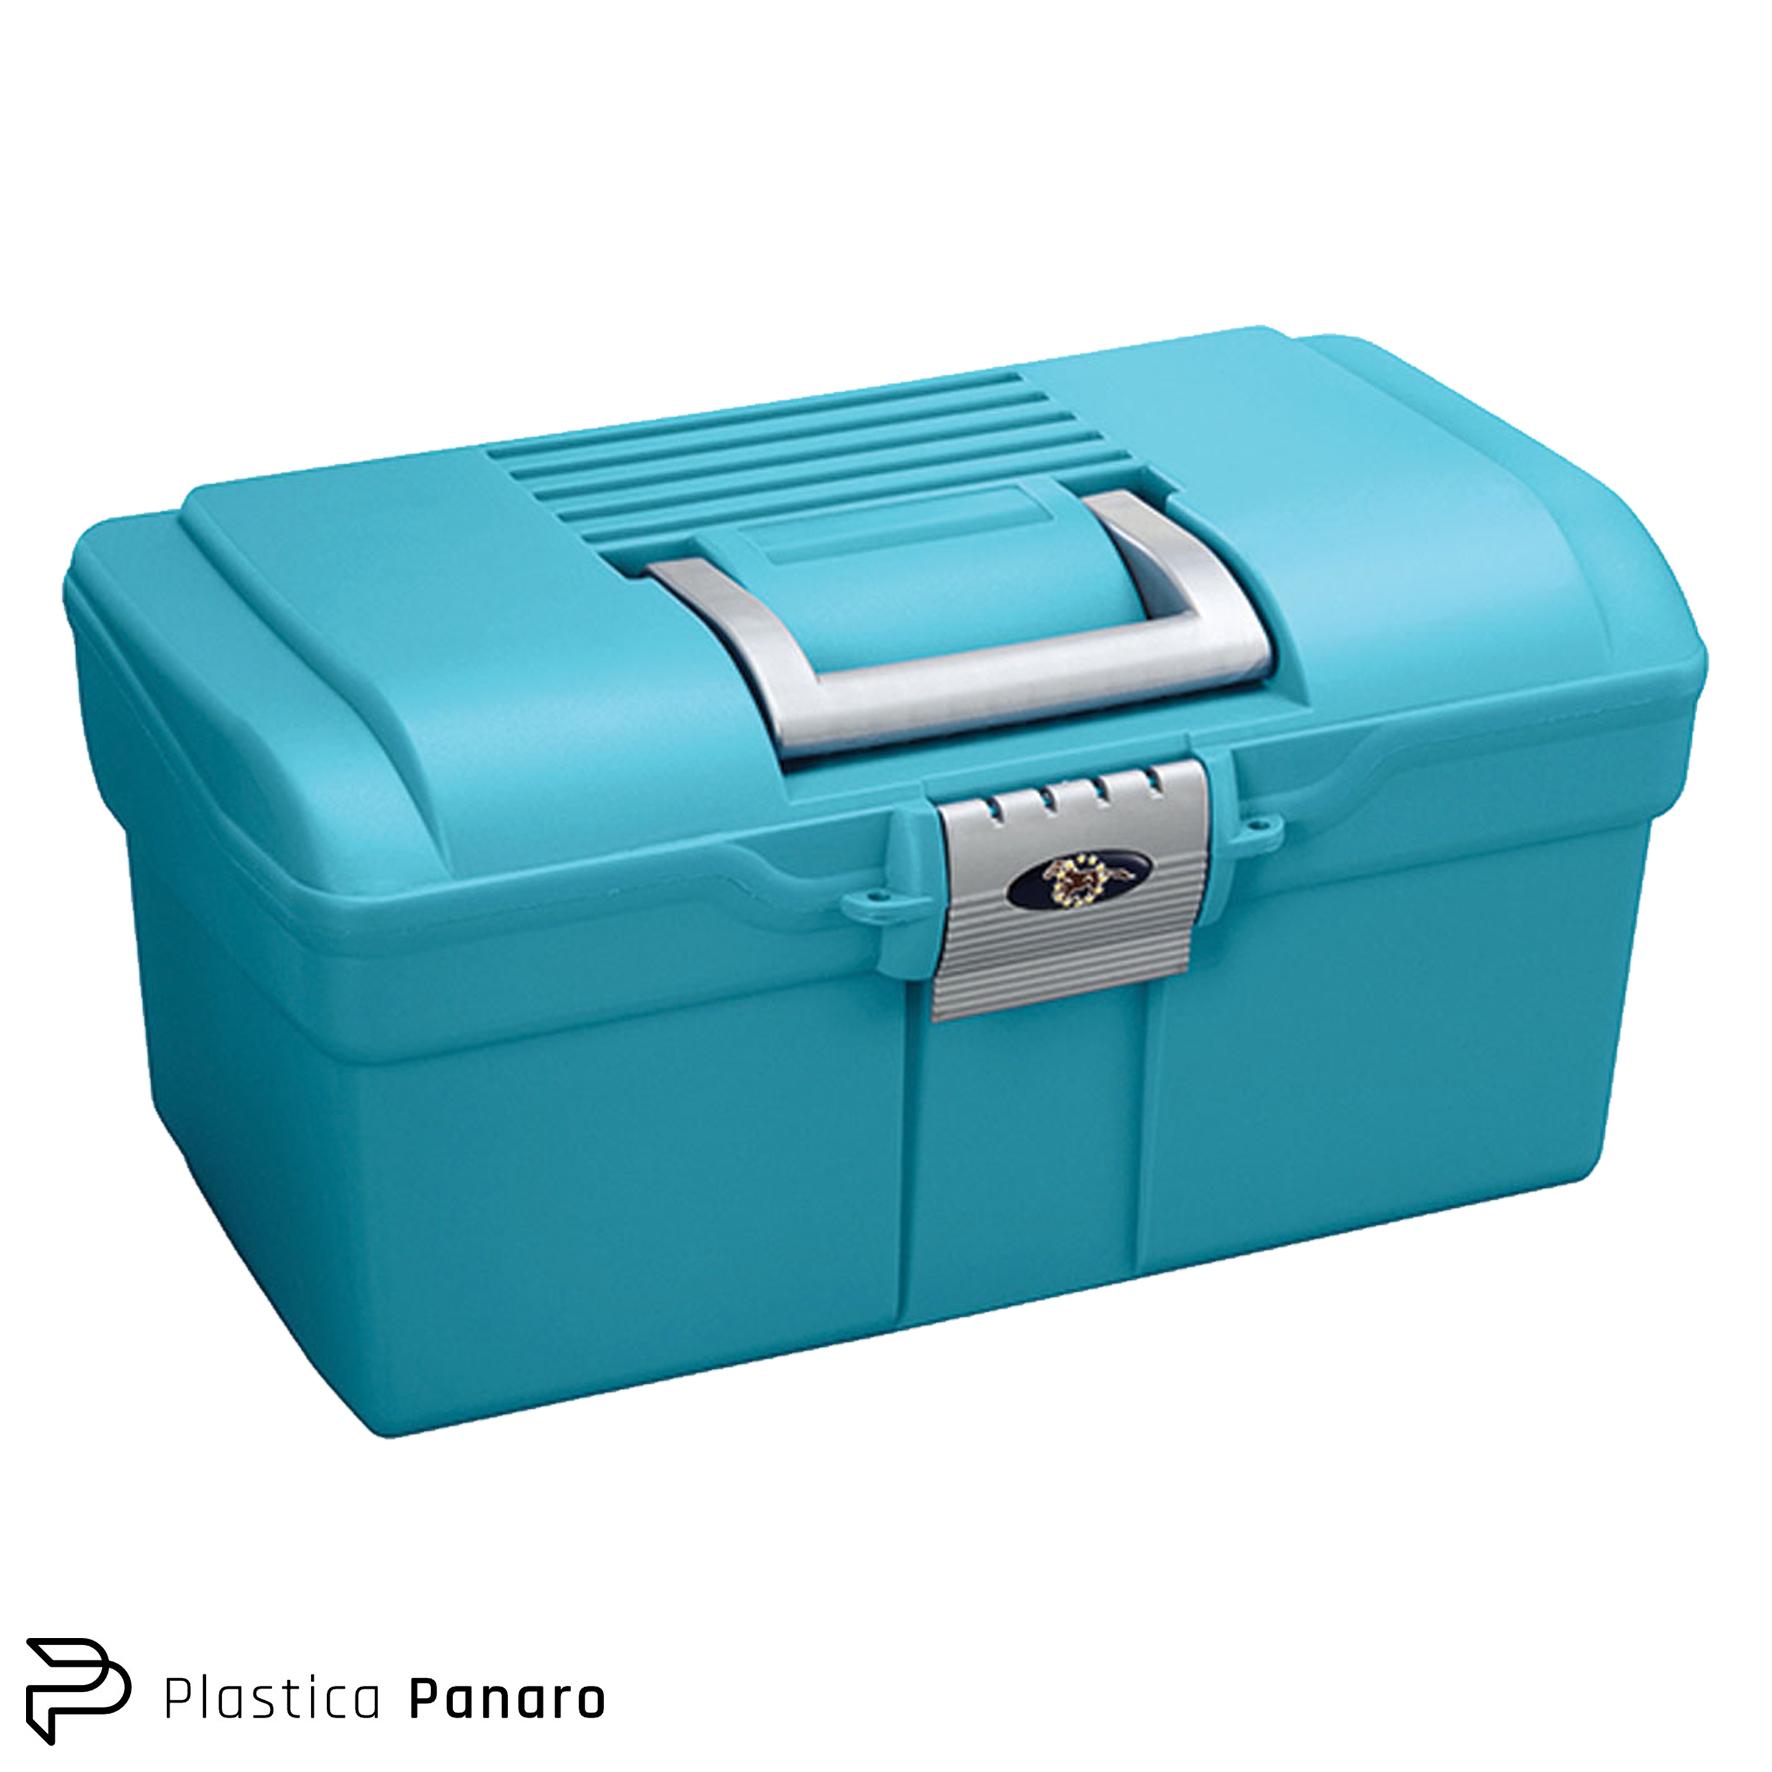 Plastica Panaro Tack Box – Small